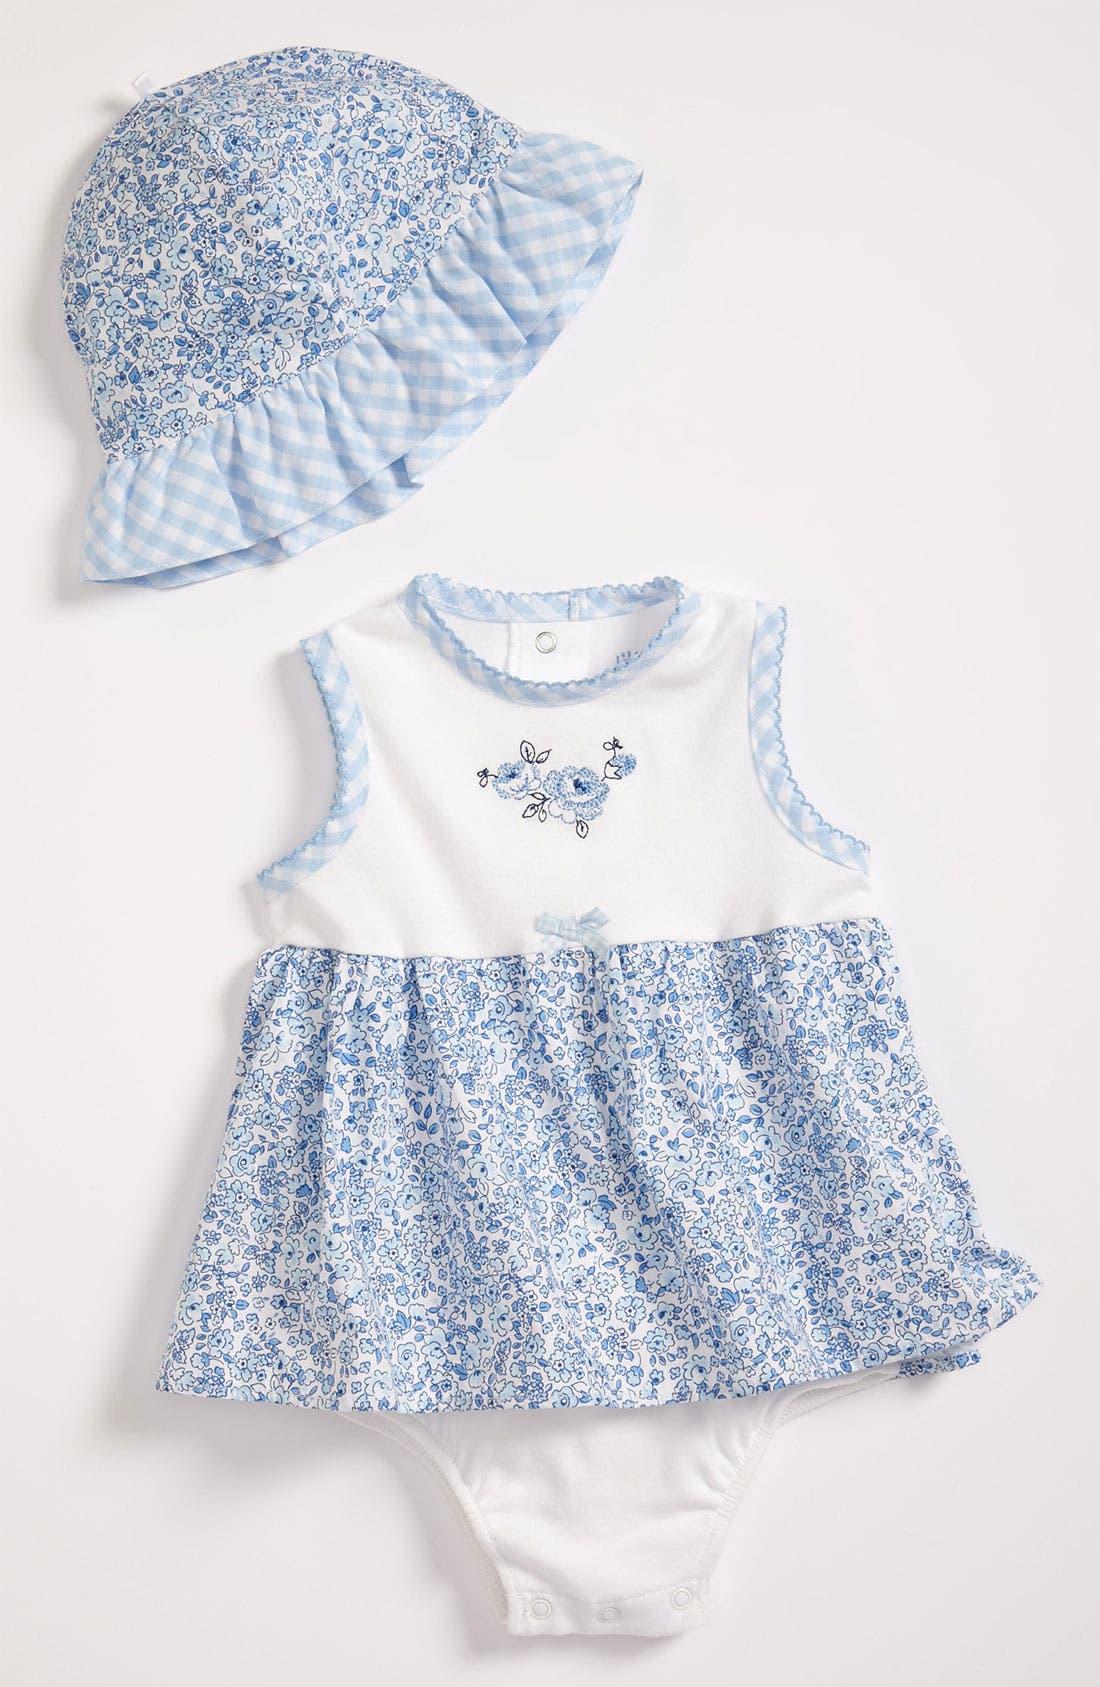 Main Image - Little Me 'Blue Belle' Bodysuit & Hat (Infant)